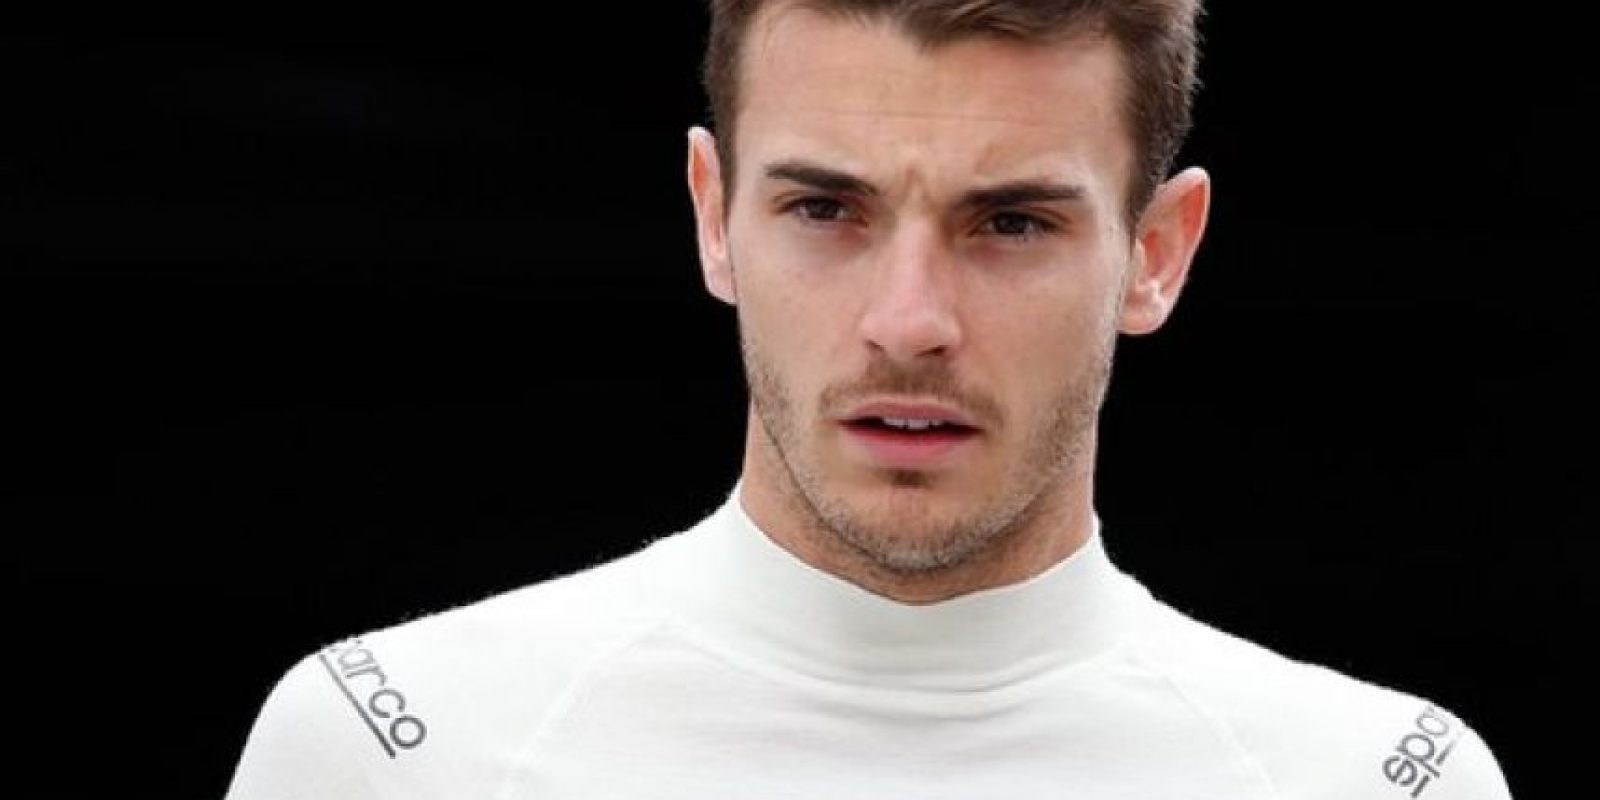 Bianchi pertenecía a la escudería Marussia. Foto:Fórmula Uno